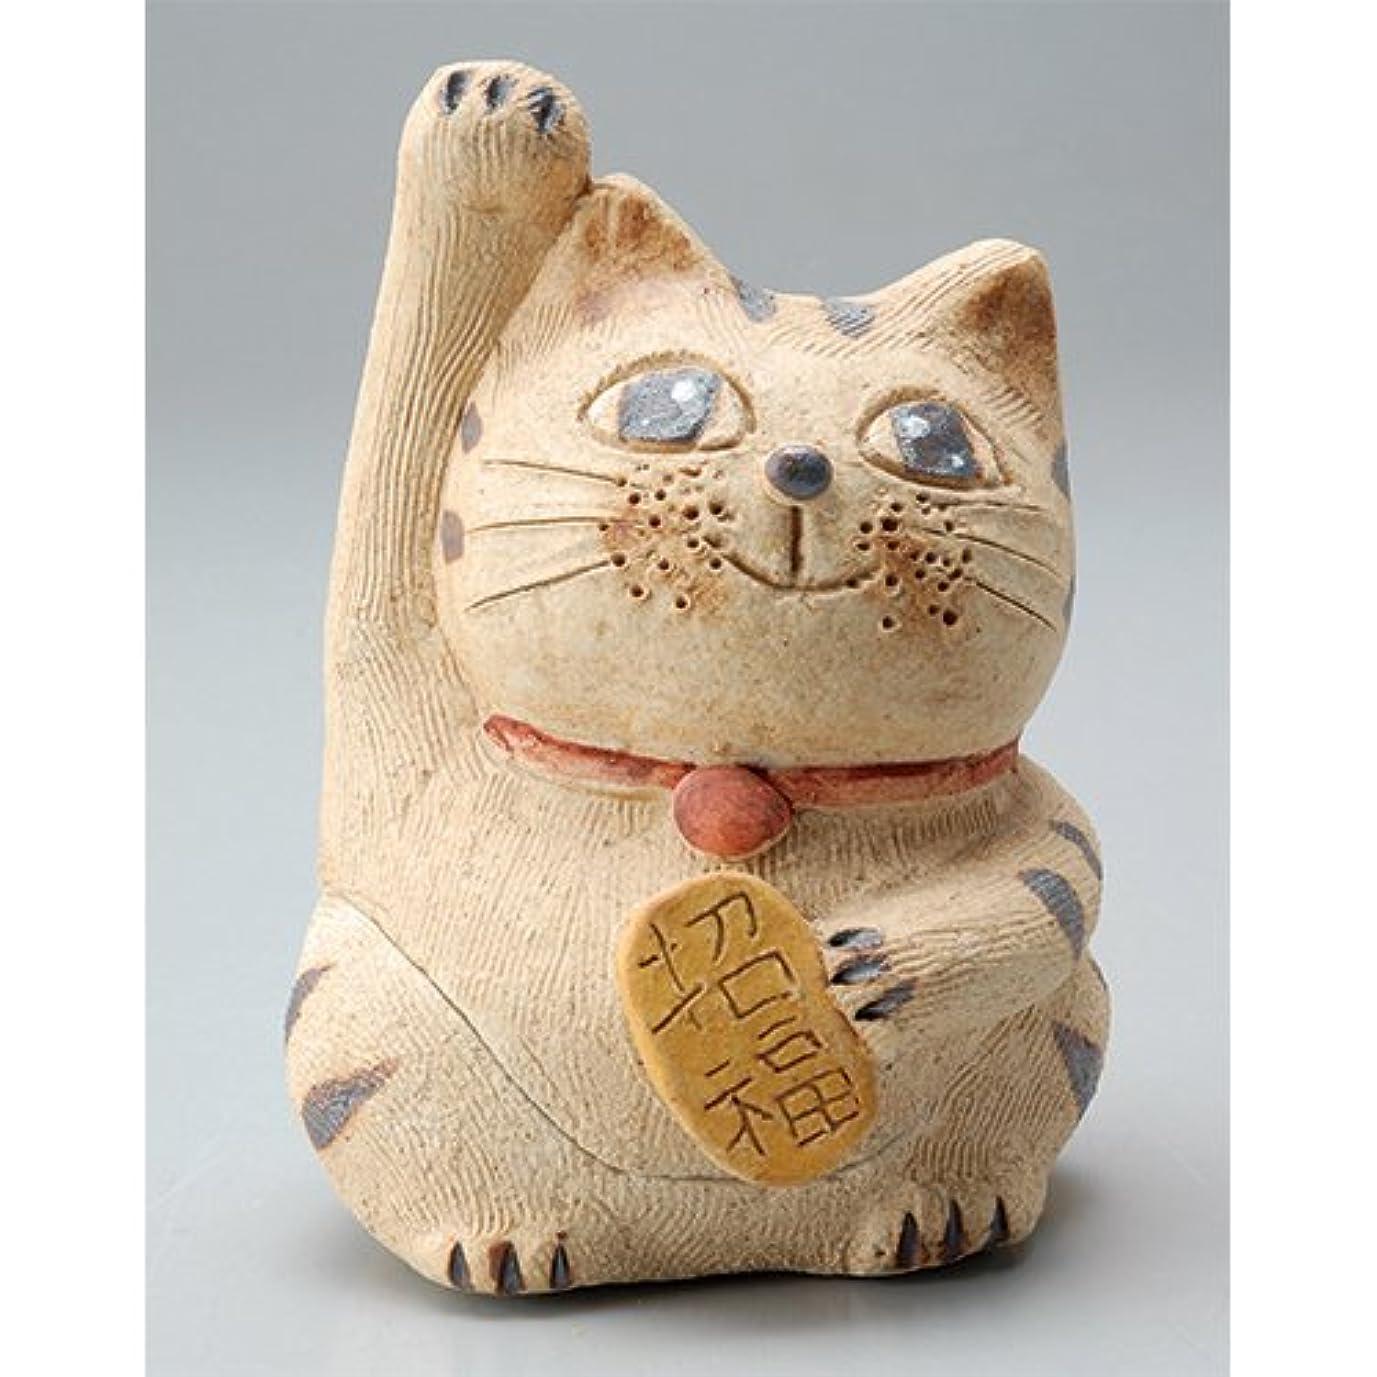 調整する黒再生的香炉 円な瞳招き猫(お金招き)香炉(小) [H8.5cm] HANDMADE プレゼント ギフト 和食器 かわいい インテリア